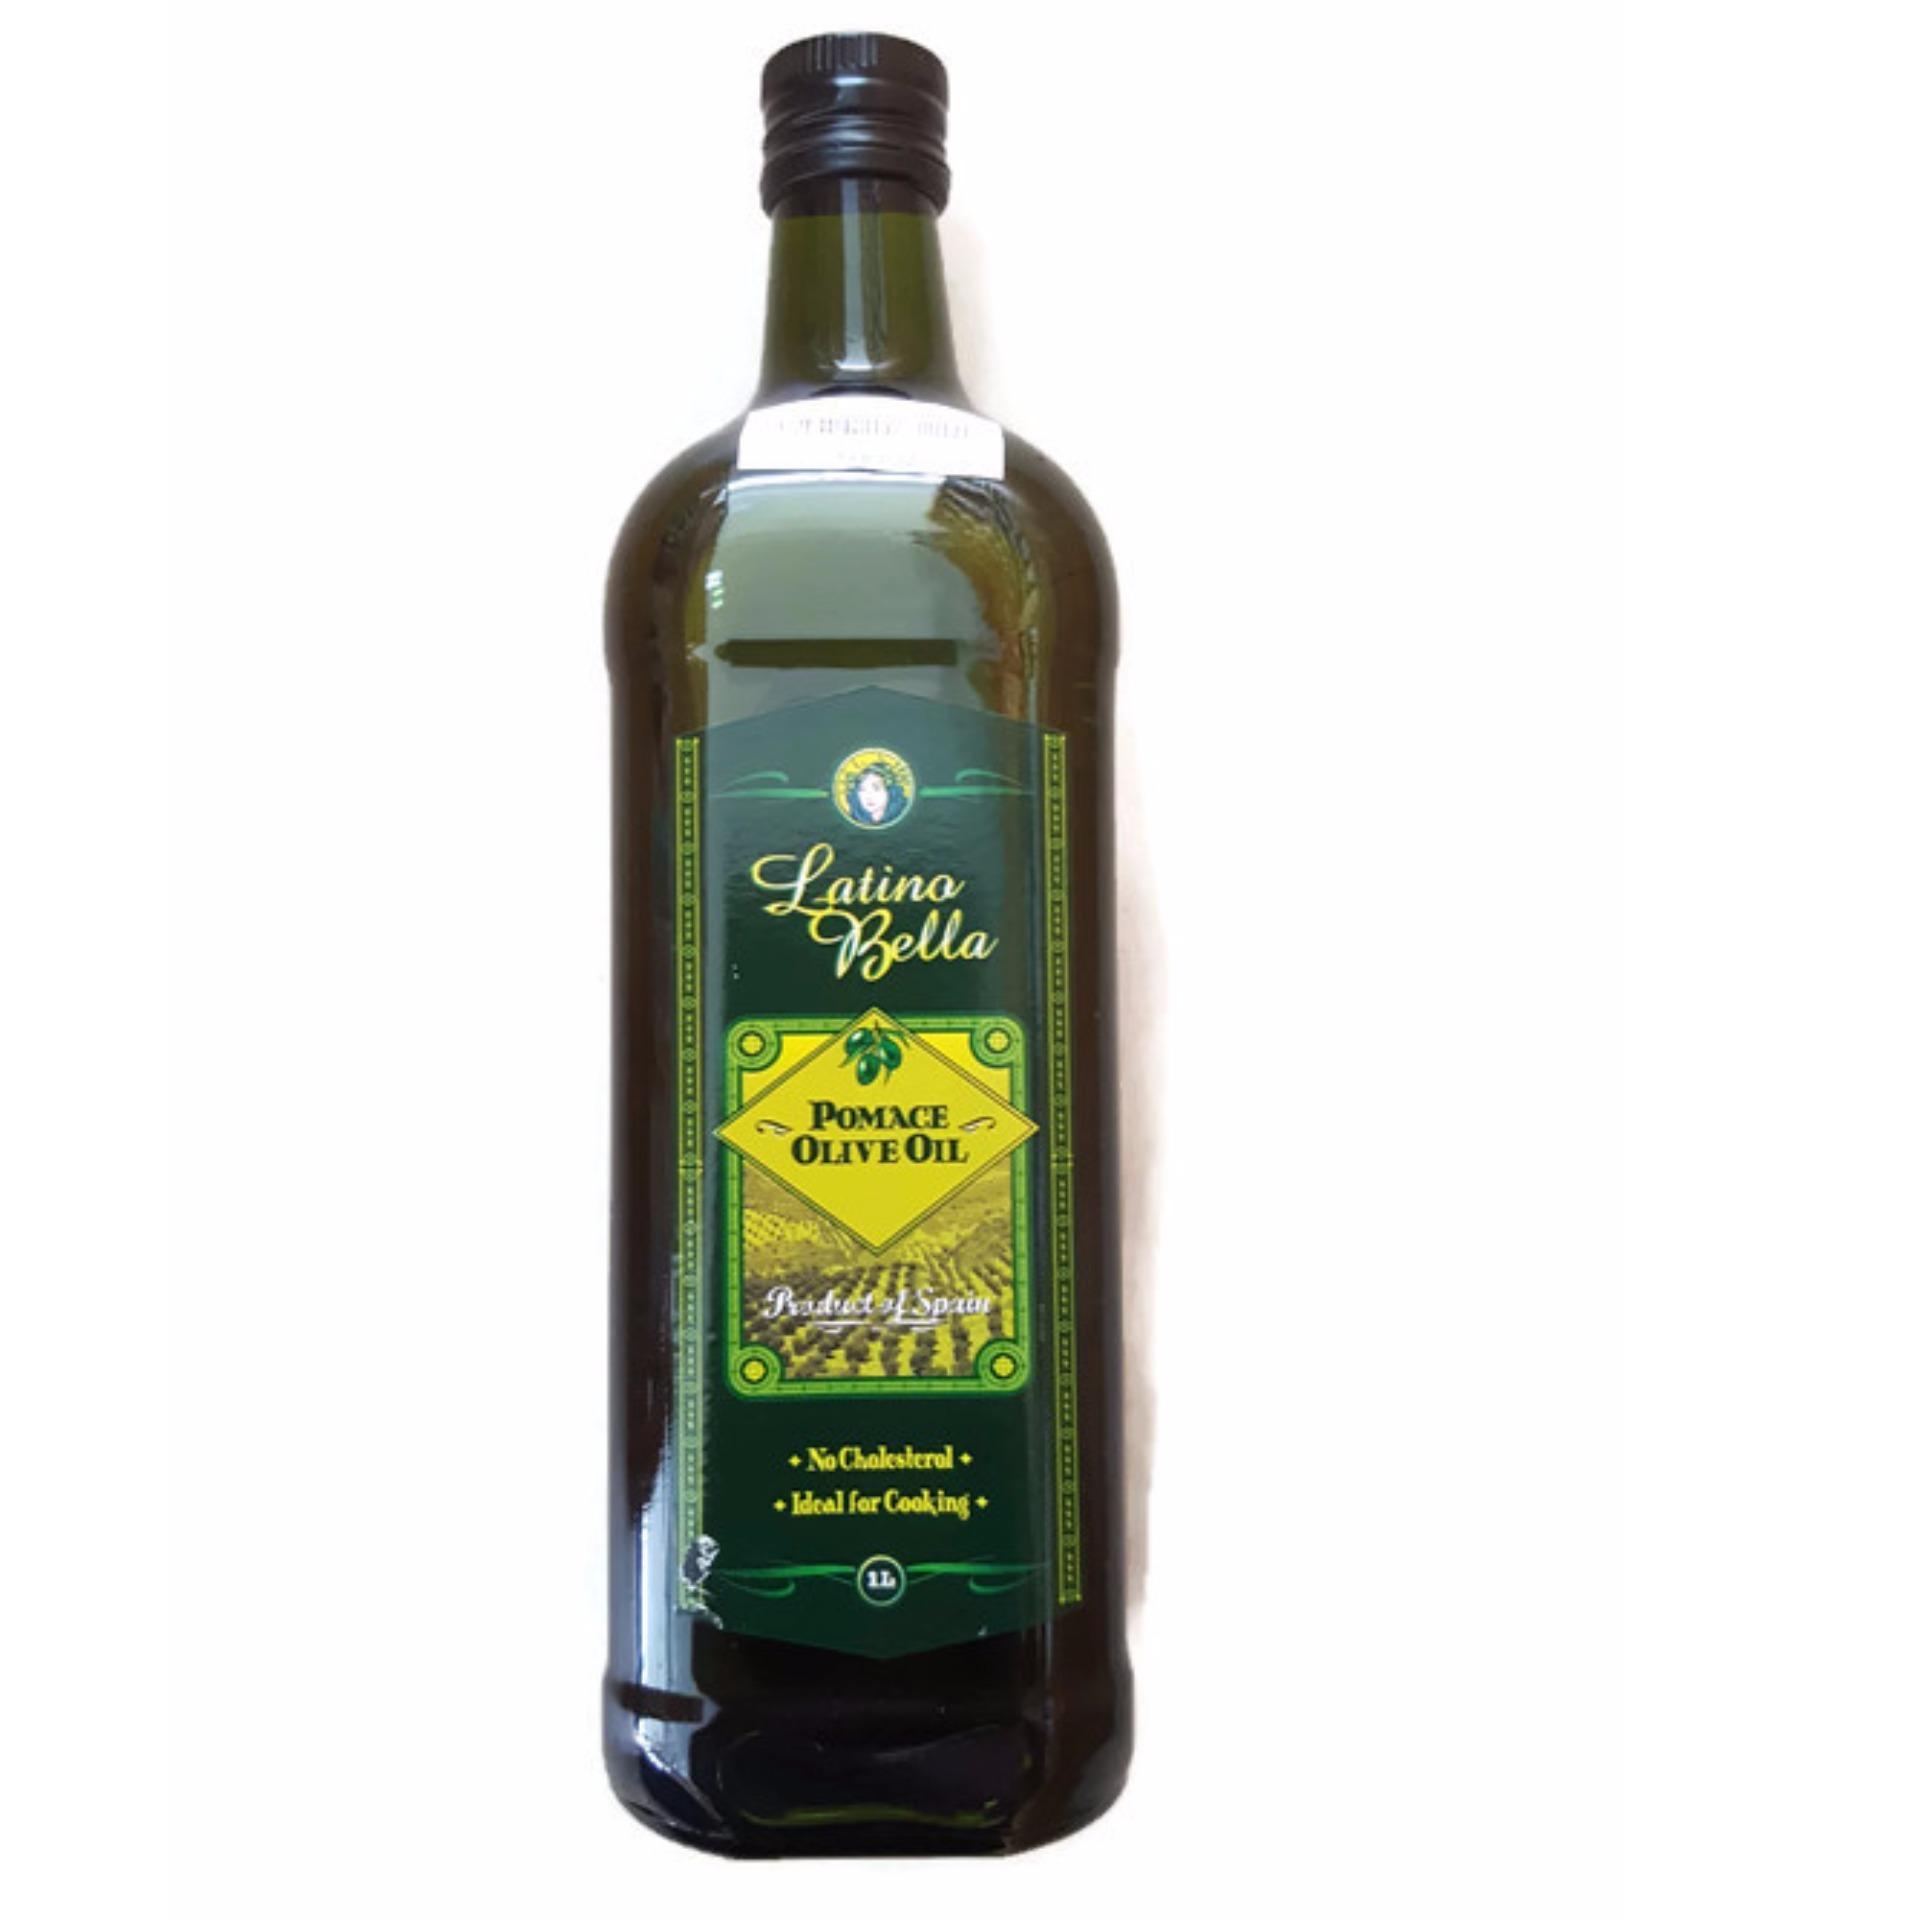 Báo Giá Dầu ô liu Latino Bella Pomace Olive Oil 1 Lít (Tây Ban Nha)